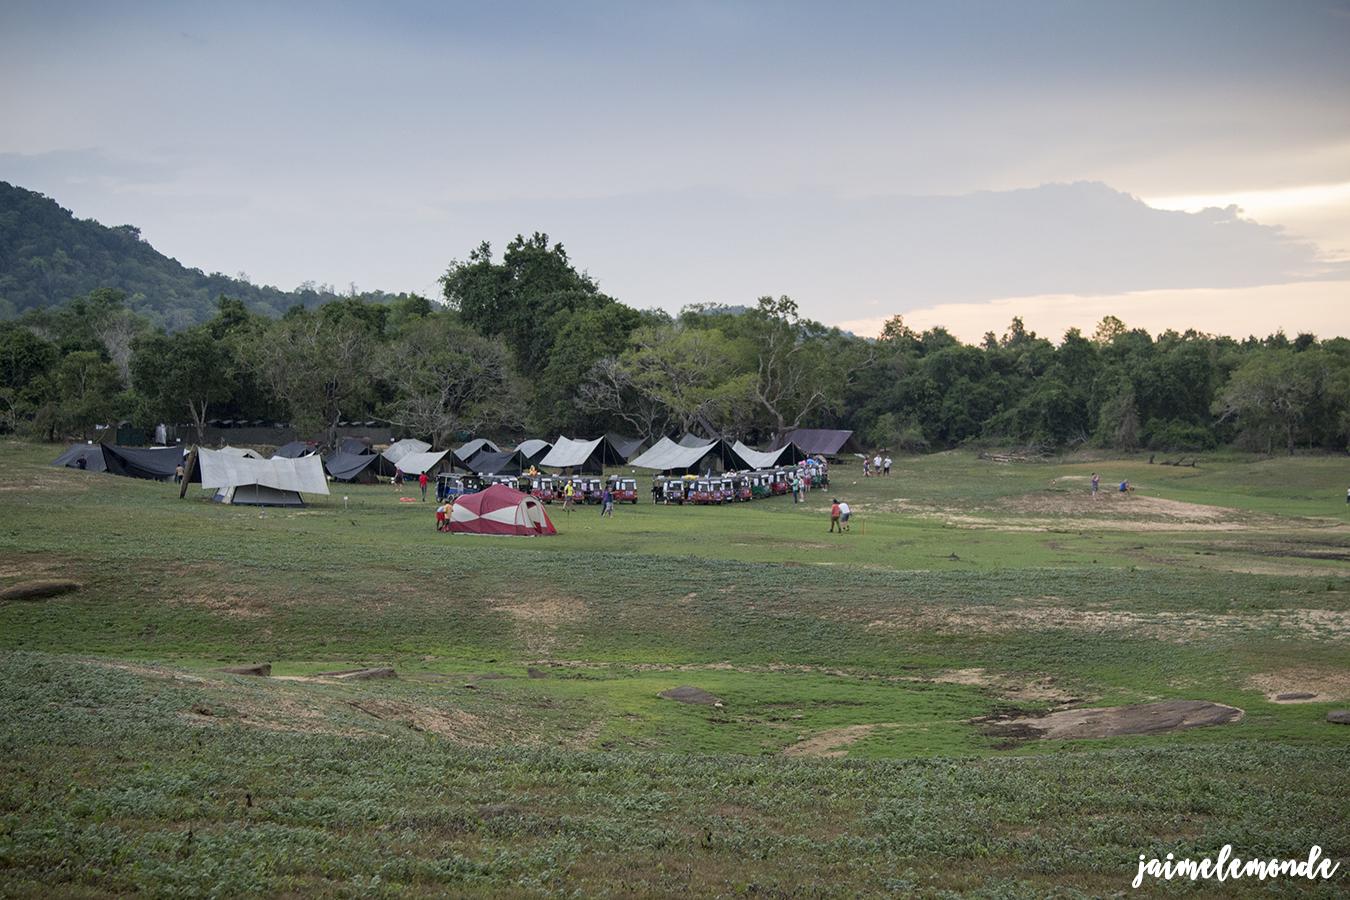 lanka-challenge-2016-avec-nomade-aventure-jaimelemonde-25